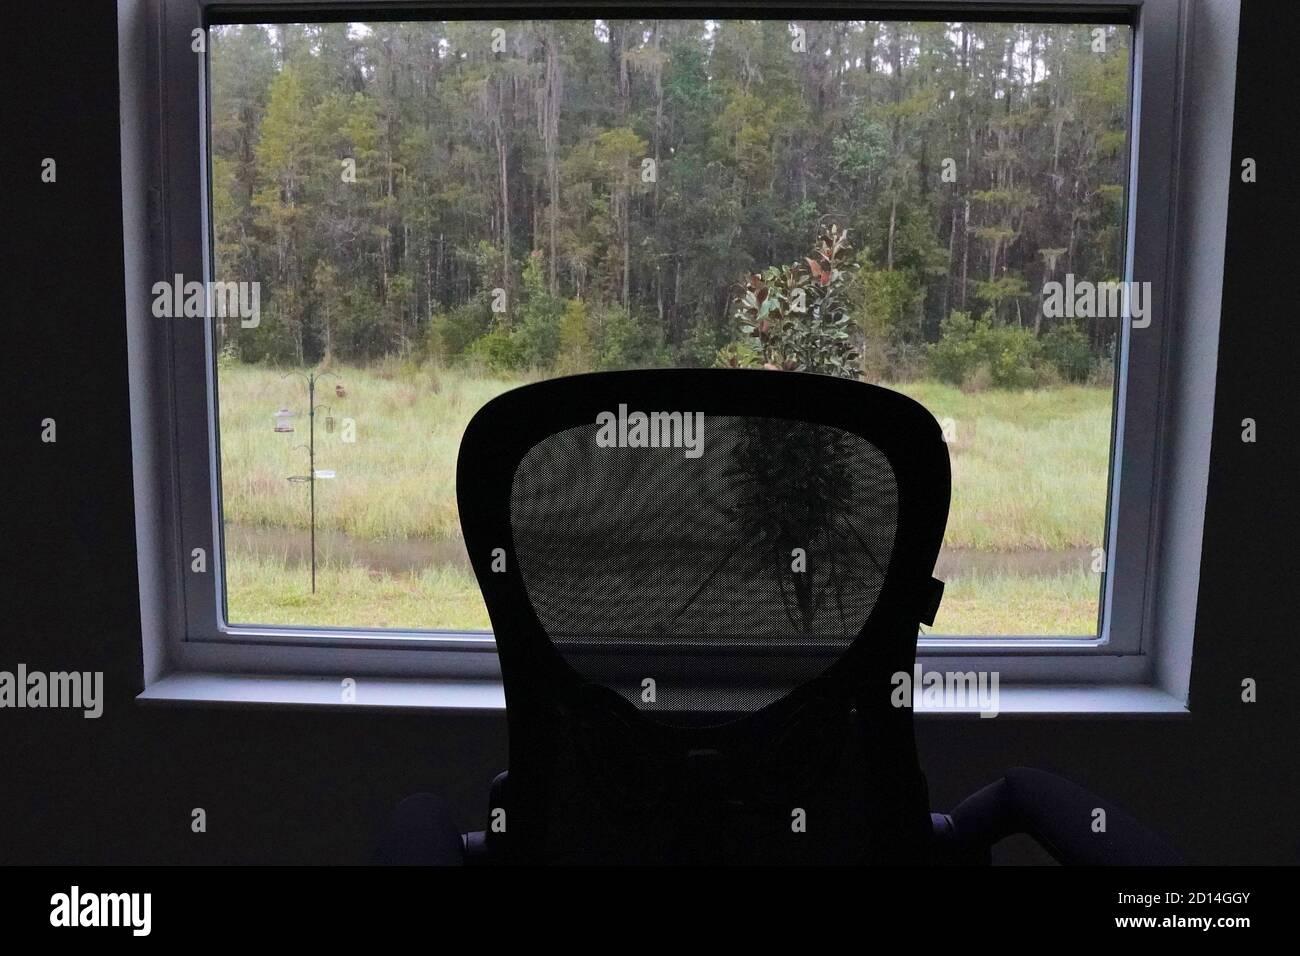 Silla vacía frente a una ventana con vistas a un bosque Foto de stock